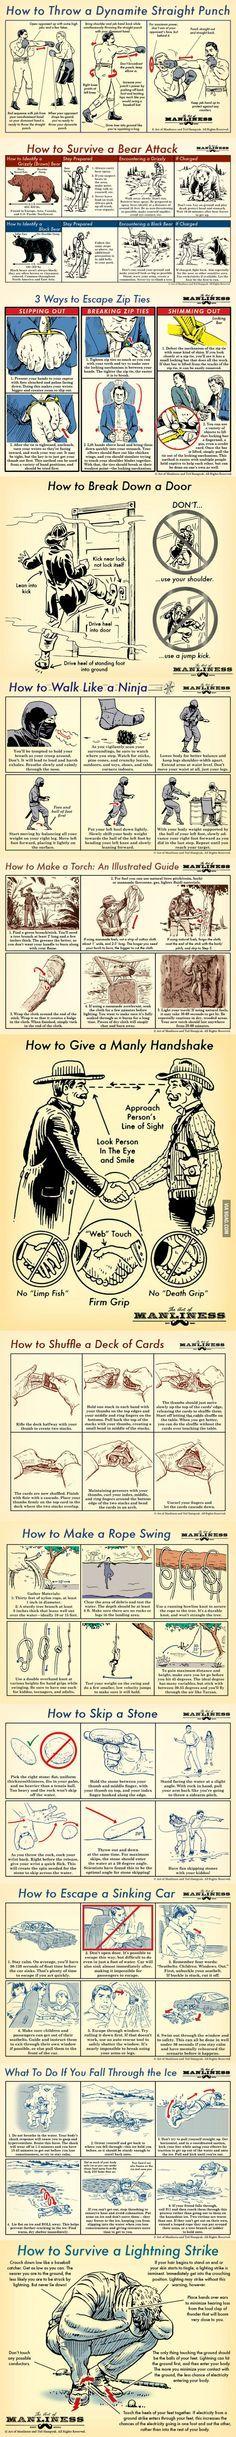 Tirando o machismo...